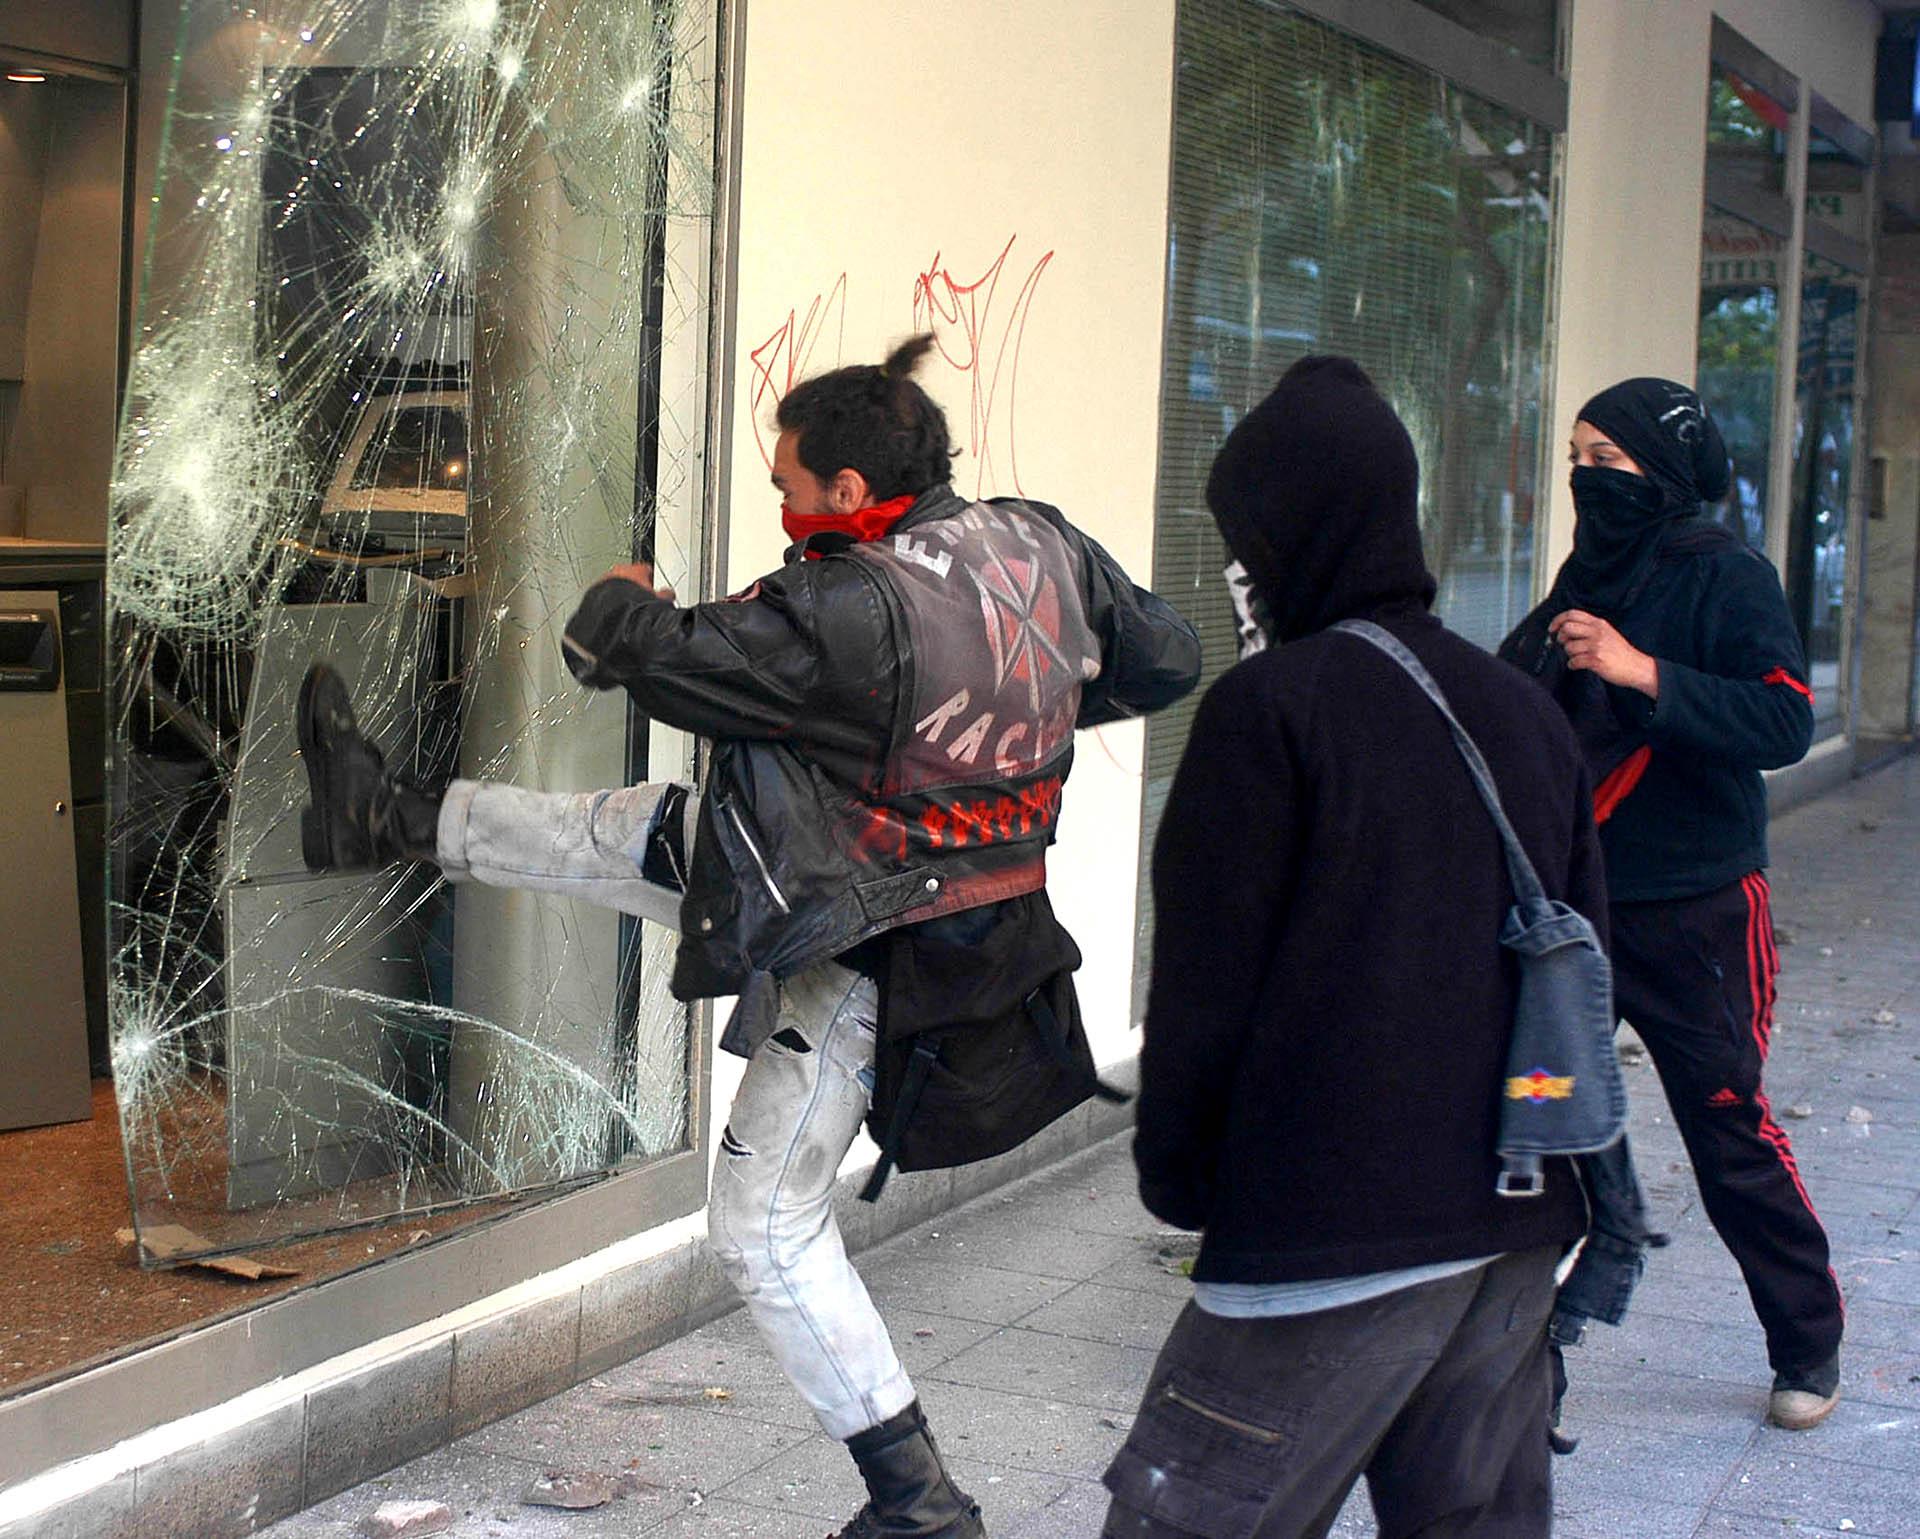 Un manifestante rompe una vidriera durante los incidentes que se produjeron en la avenida Colón